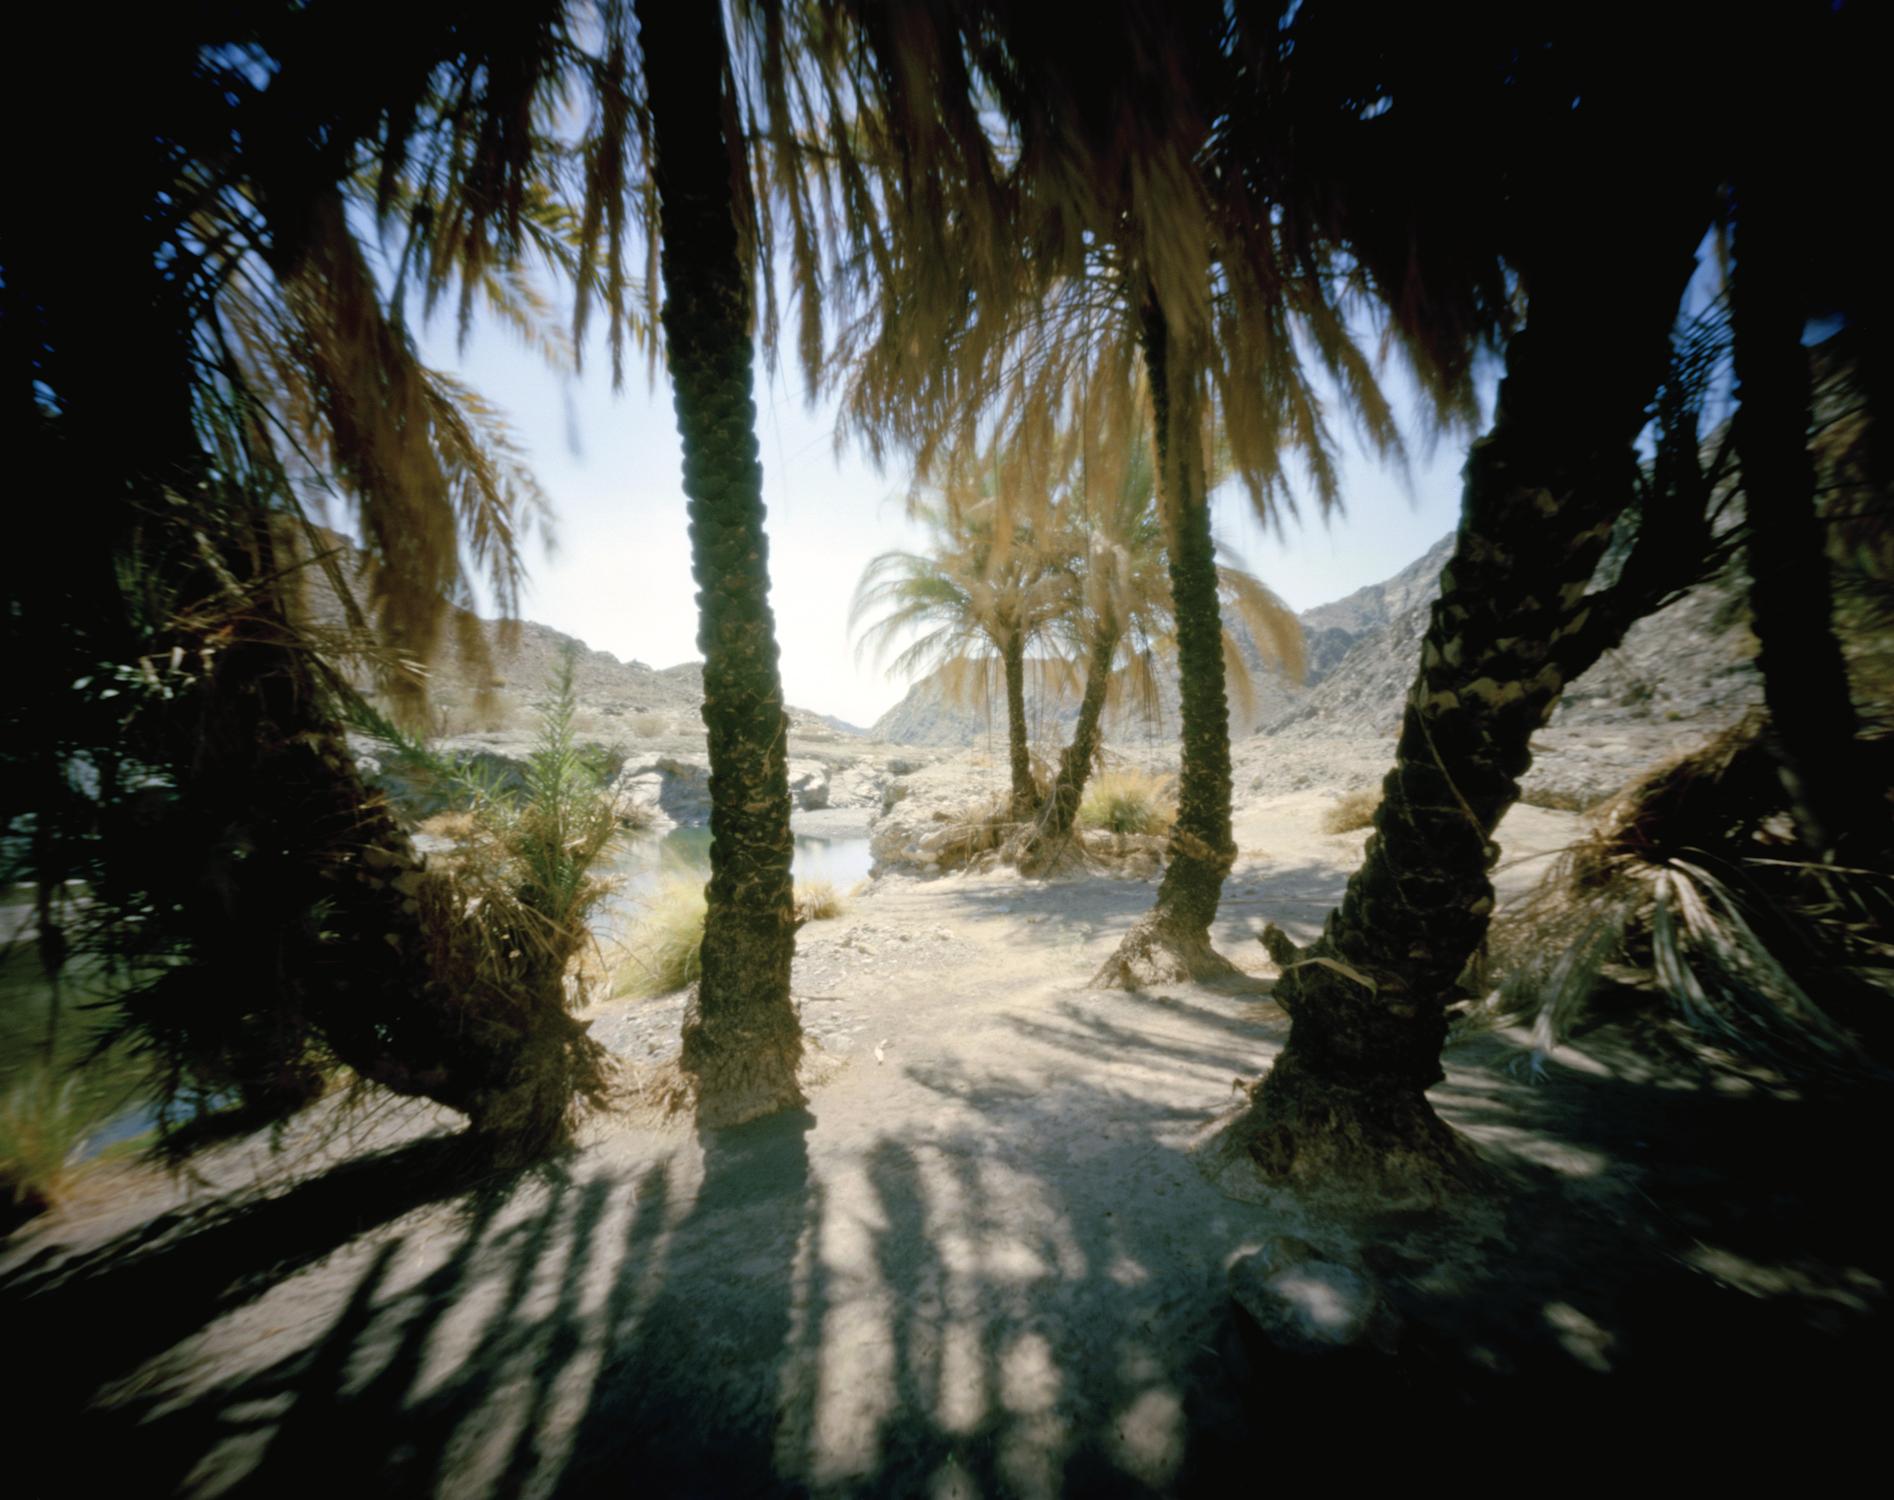 Oasis in Oman